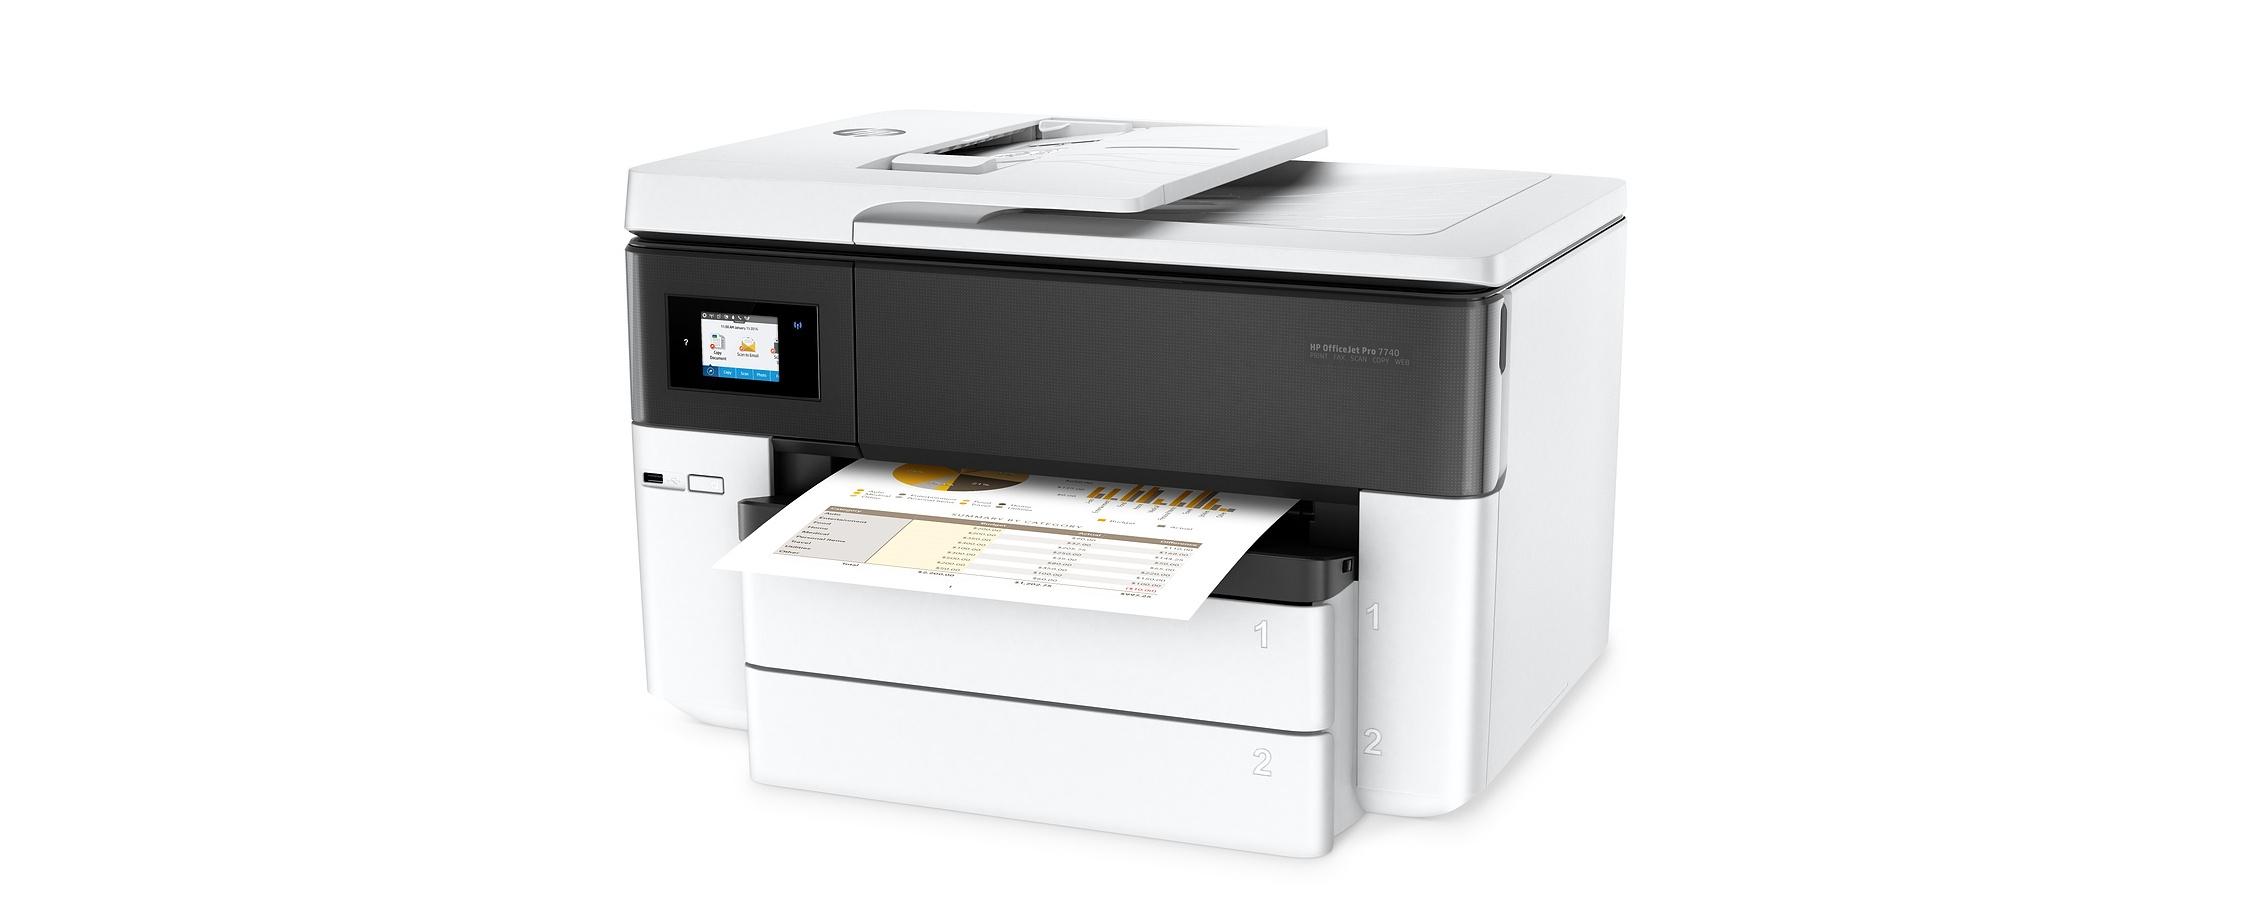 Cartuchos HP Officejet Pro 7740